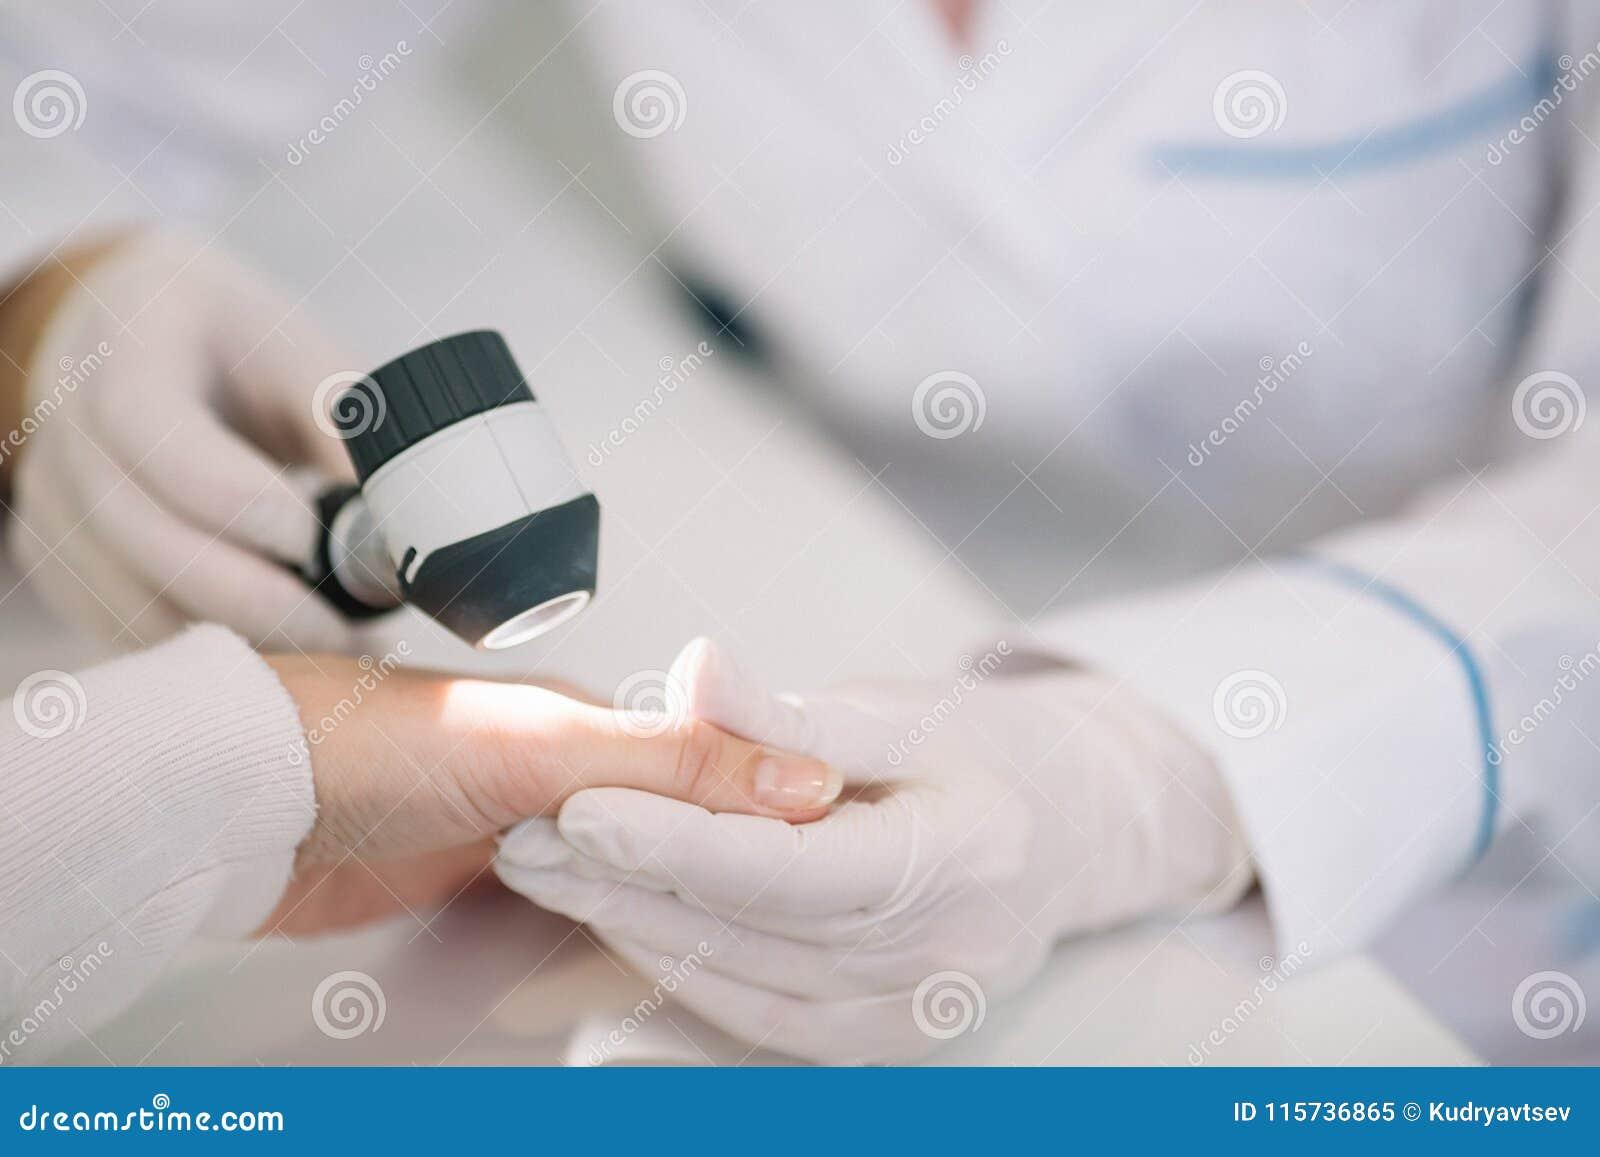 Крупный план моли дерматолога рассматривая в наличии женщины patien